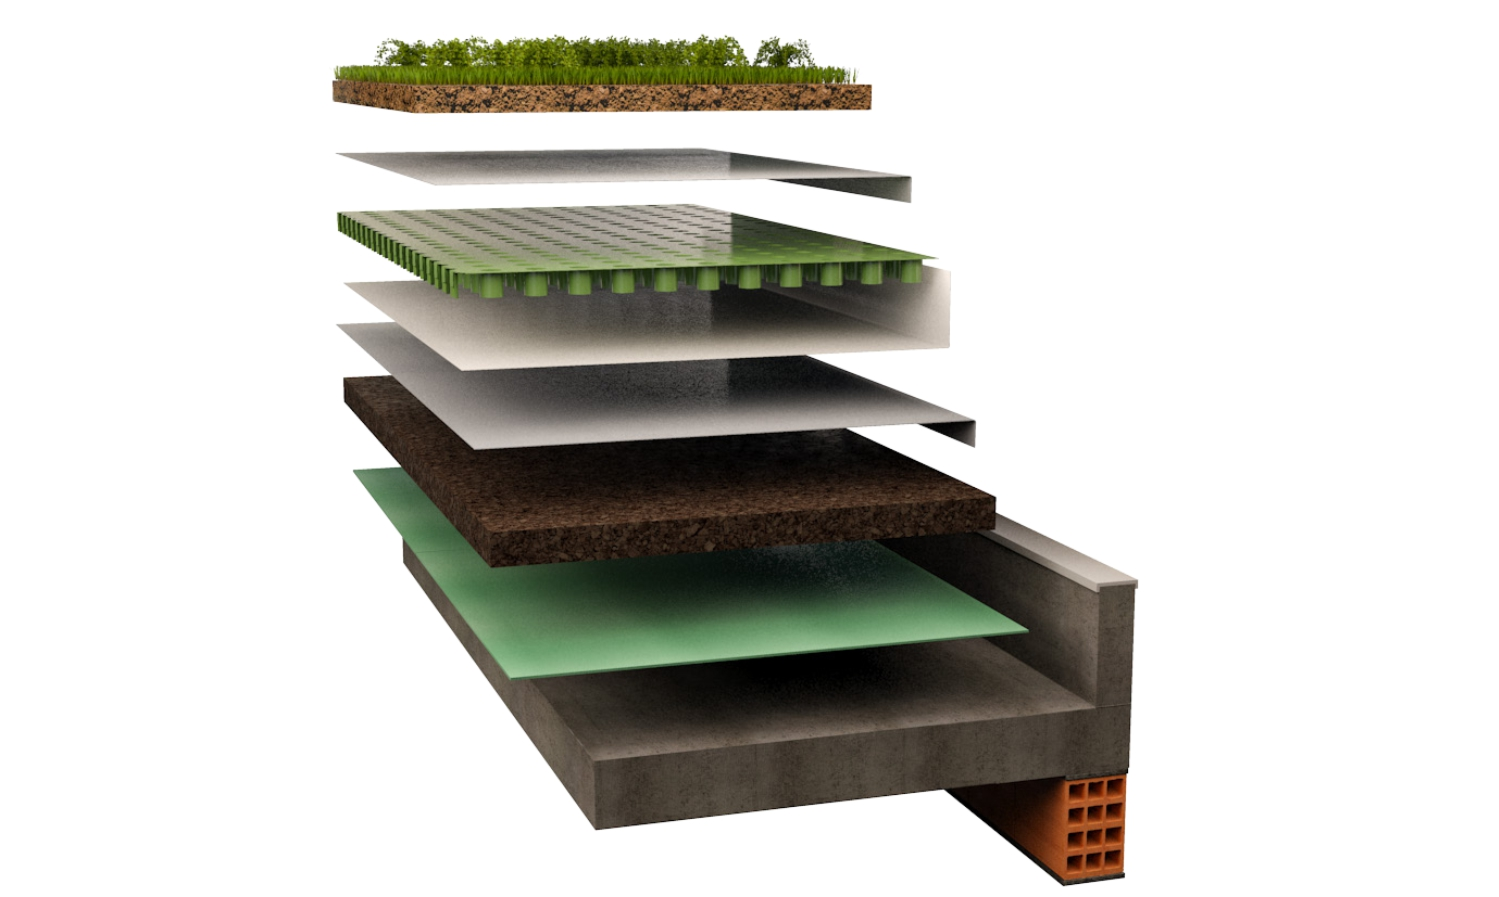 Dettaglio struttura di posa del tetto verde con i pannelli di sughero Corkpan